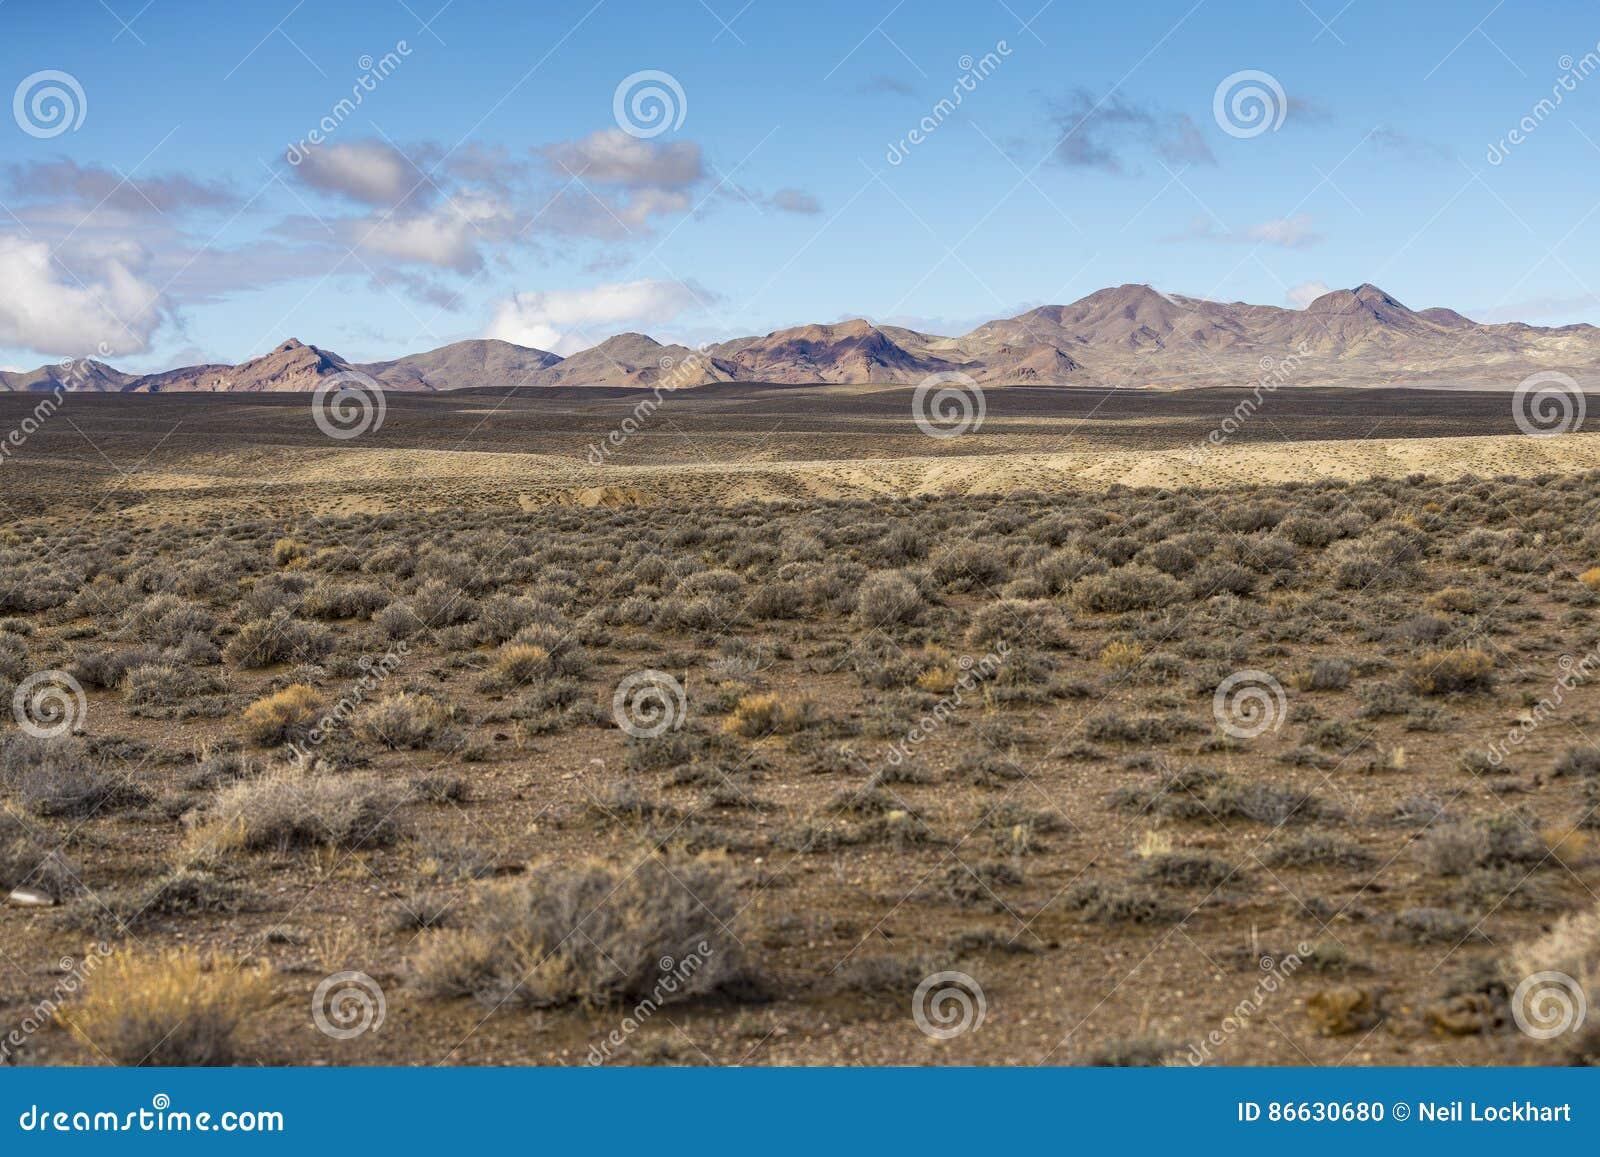 Ευρέως ανοίξτε το κενό τοπίο ερήμων στη Νεβάδα κατά τη διάρκεια του χειμώνα με τους μπλε ουρανούς και τα σύννεφα